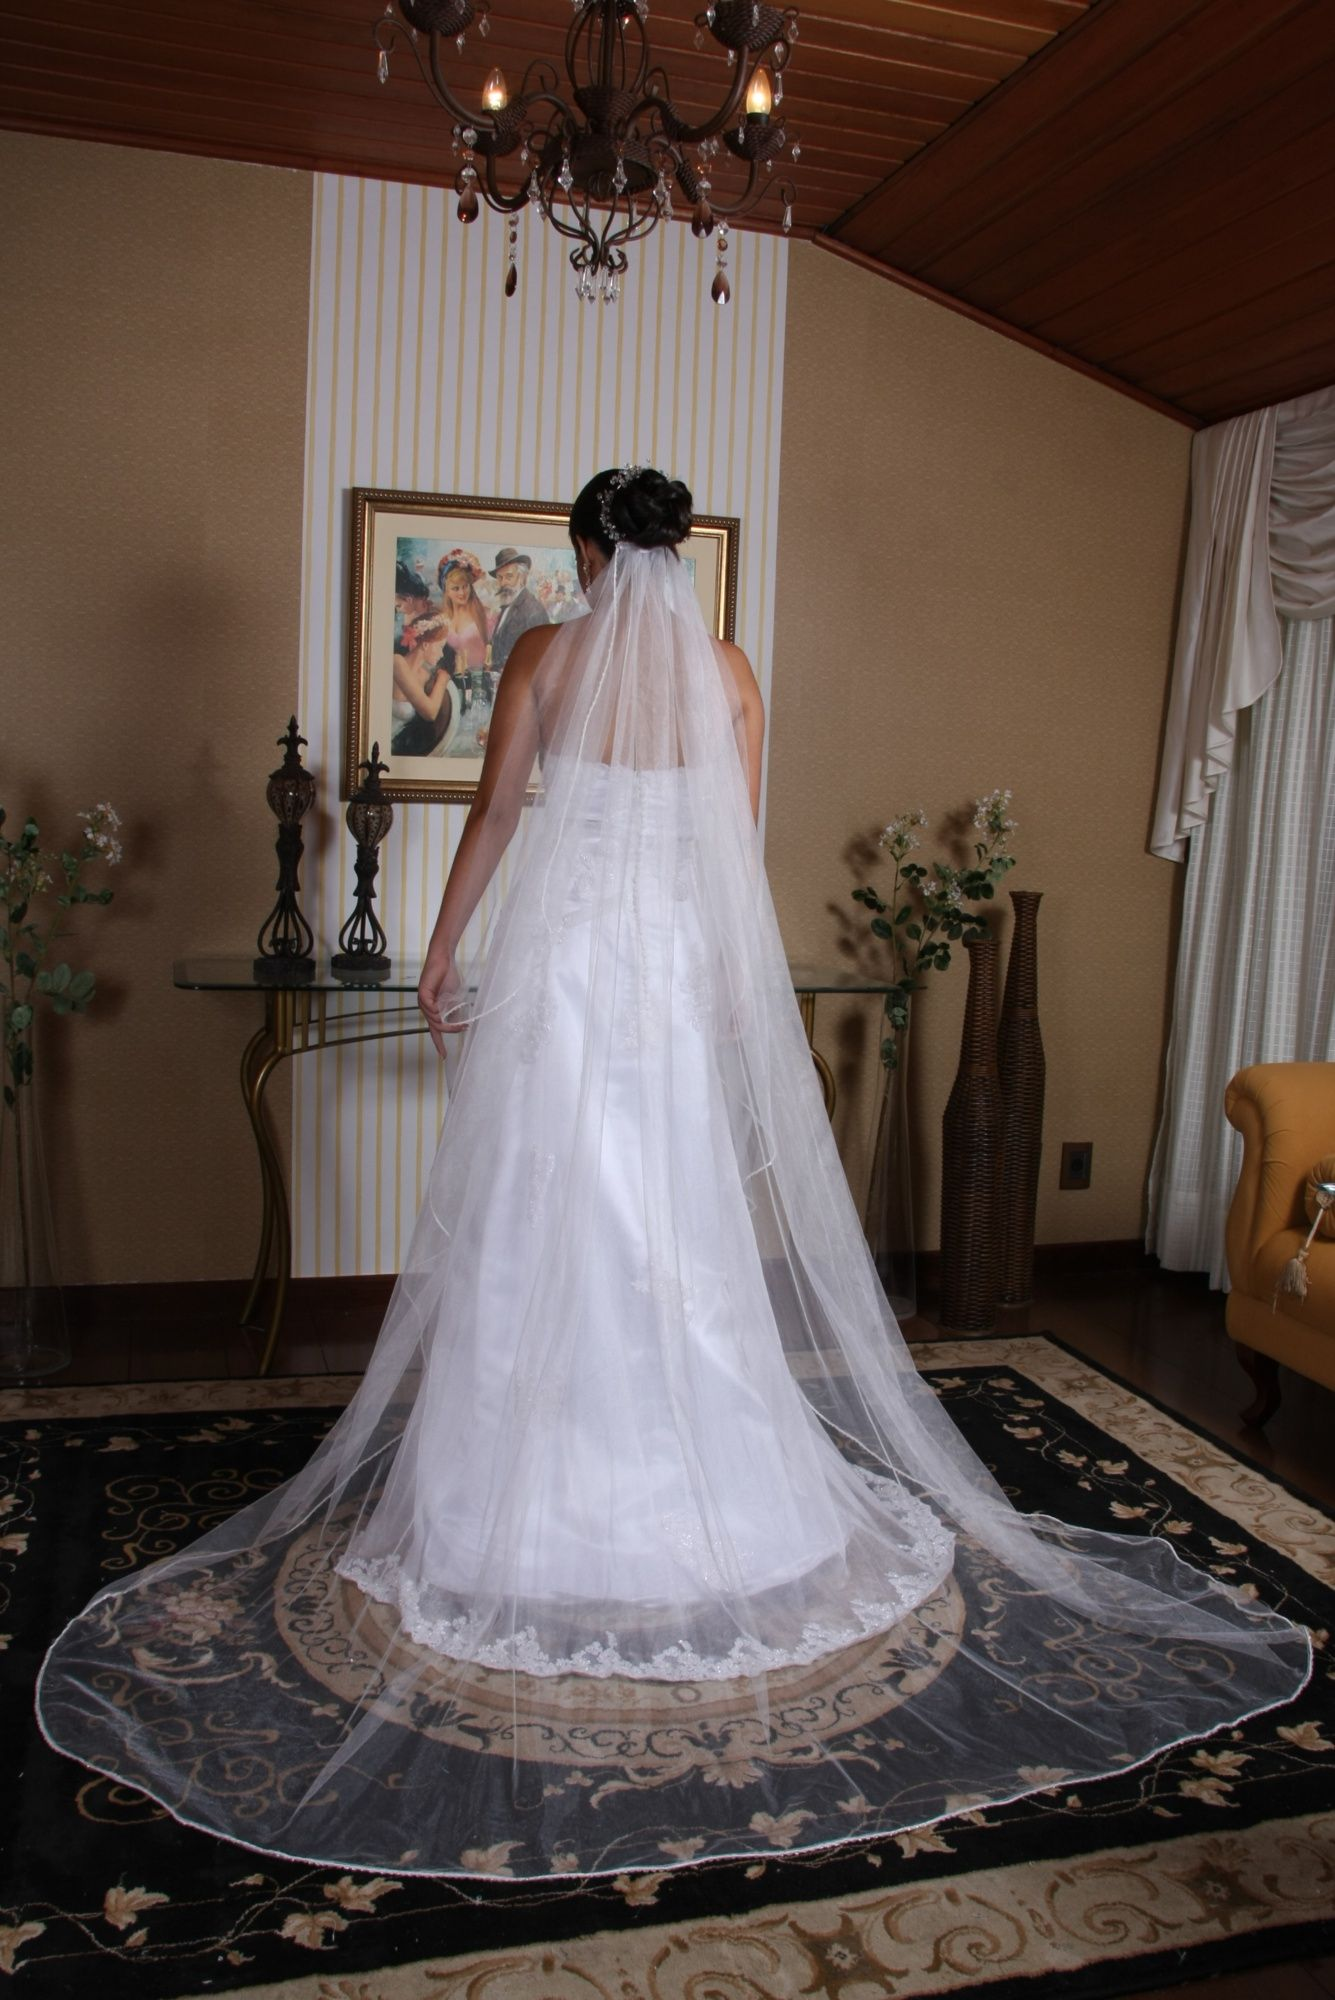 Vestido de Noiva Semi Sereia - 15 - Hipnose Alta Costura e Spa para Noivas e Noivos - Campinas - SP Vestido de Noiva, Vestido de Noiva Semi Sereia, Hipnose Alta Costura